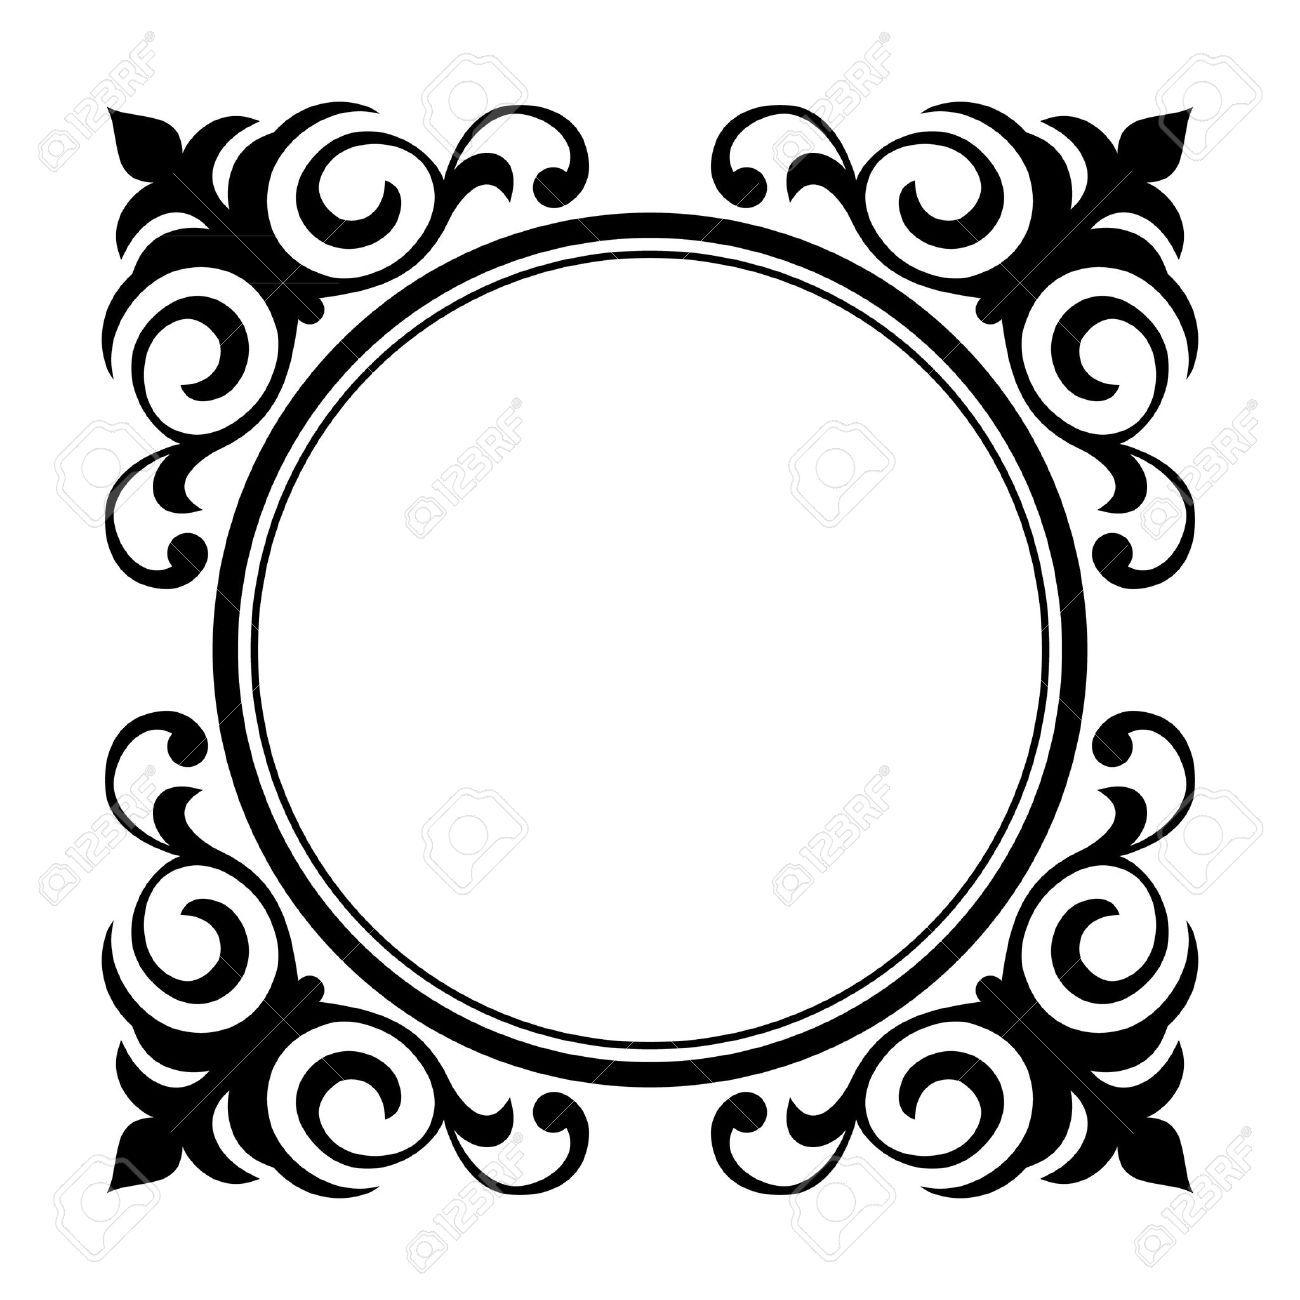 marcos para fotos ovalados - Buscar con Google | Marcos para cuadros ...